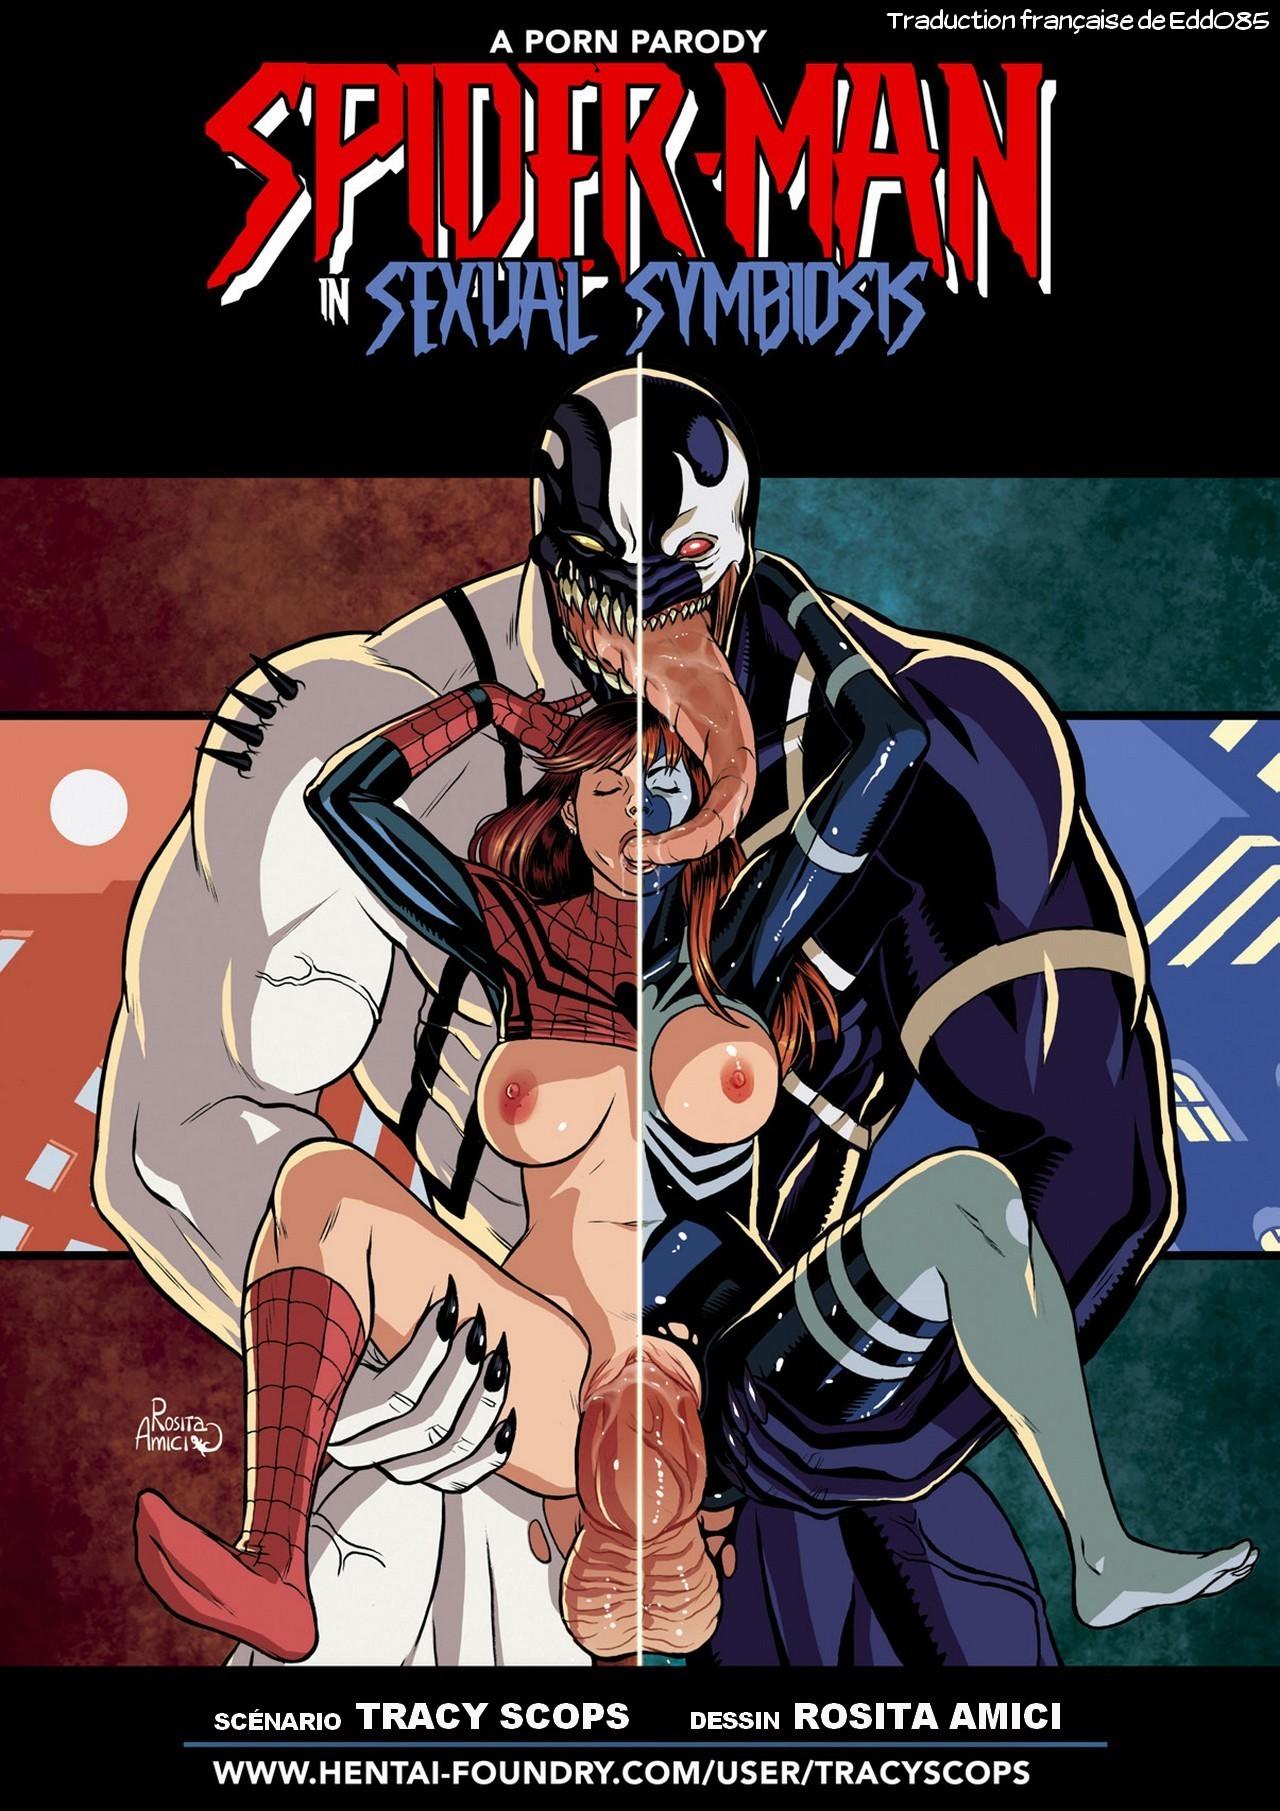 SureFap xxx porno Spider-Man - [Tracy Scops][Rosita Amici] - Sexual Symbiosis 1